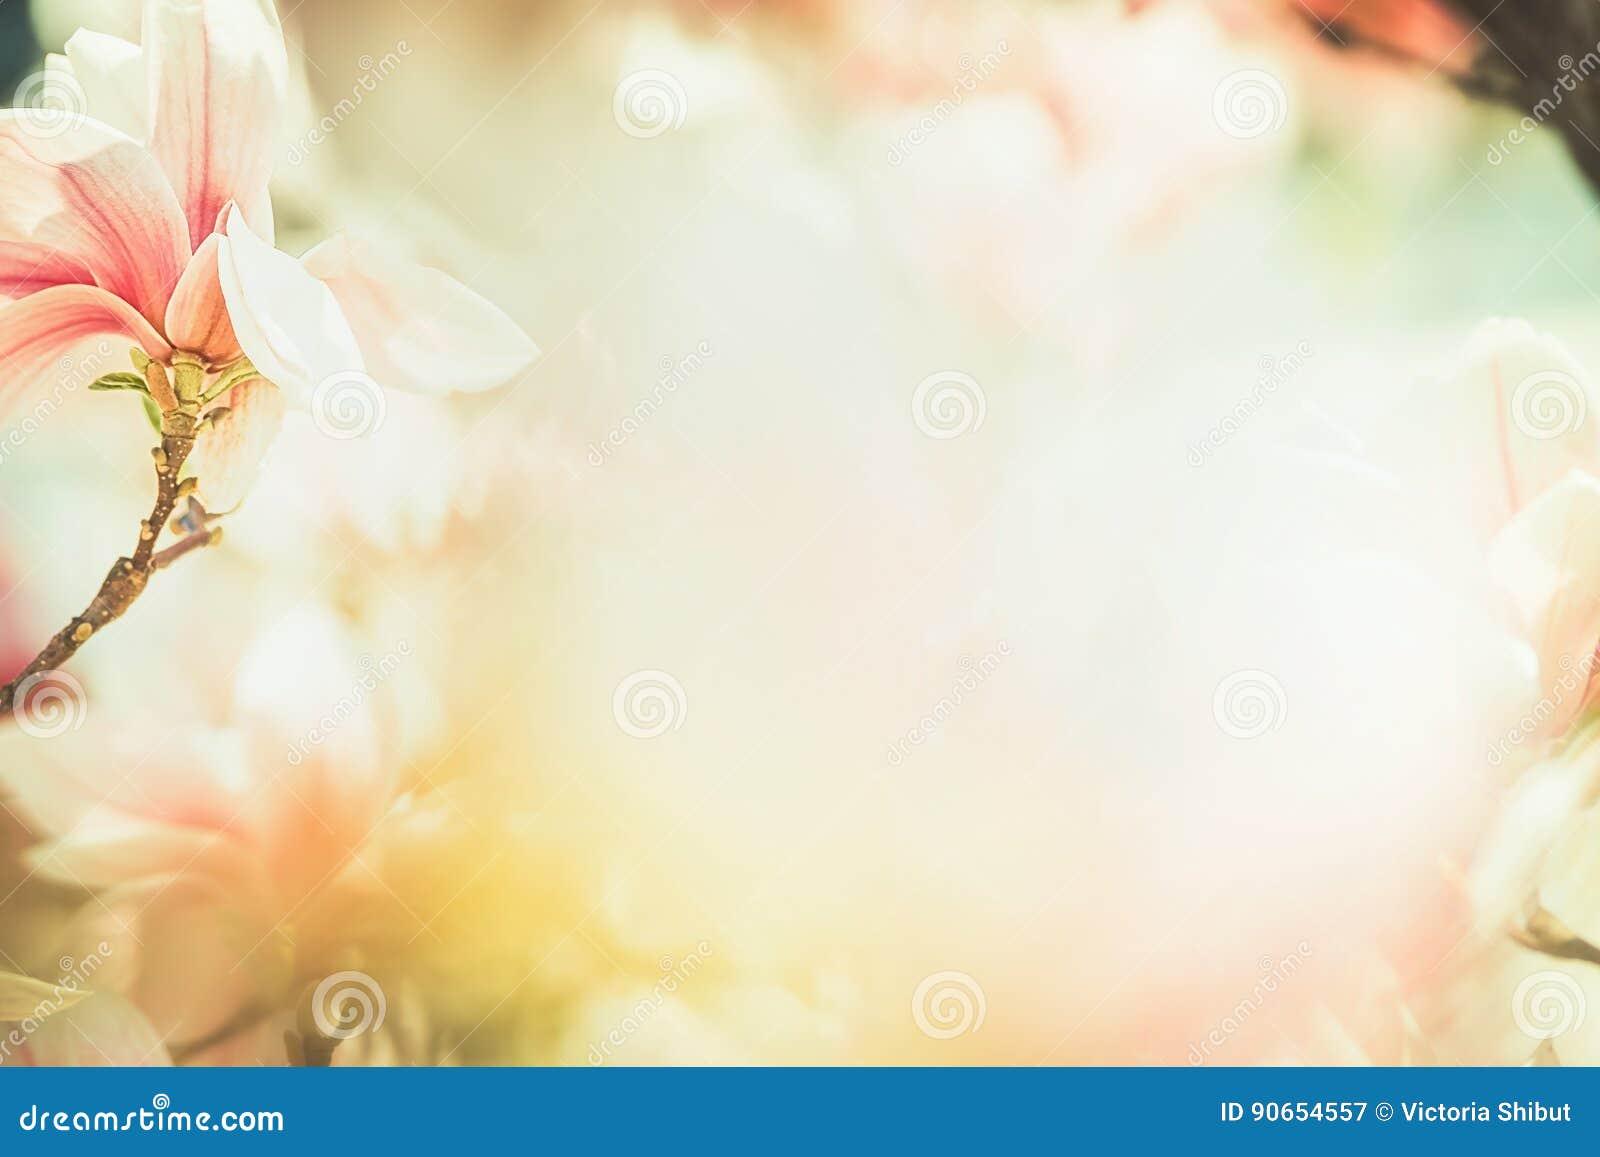 与可爱的木兰开花,框架,春天自然,淡色的春天花卉自然背景